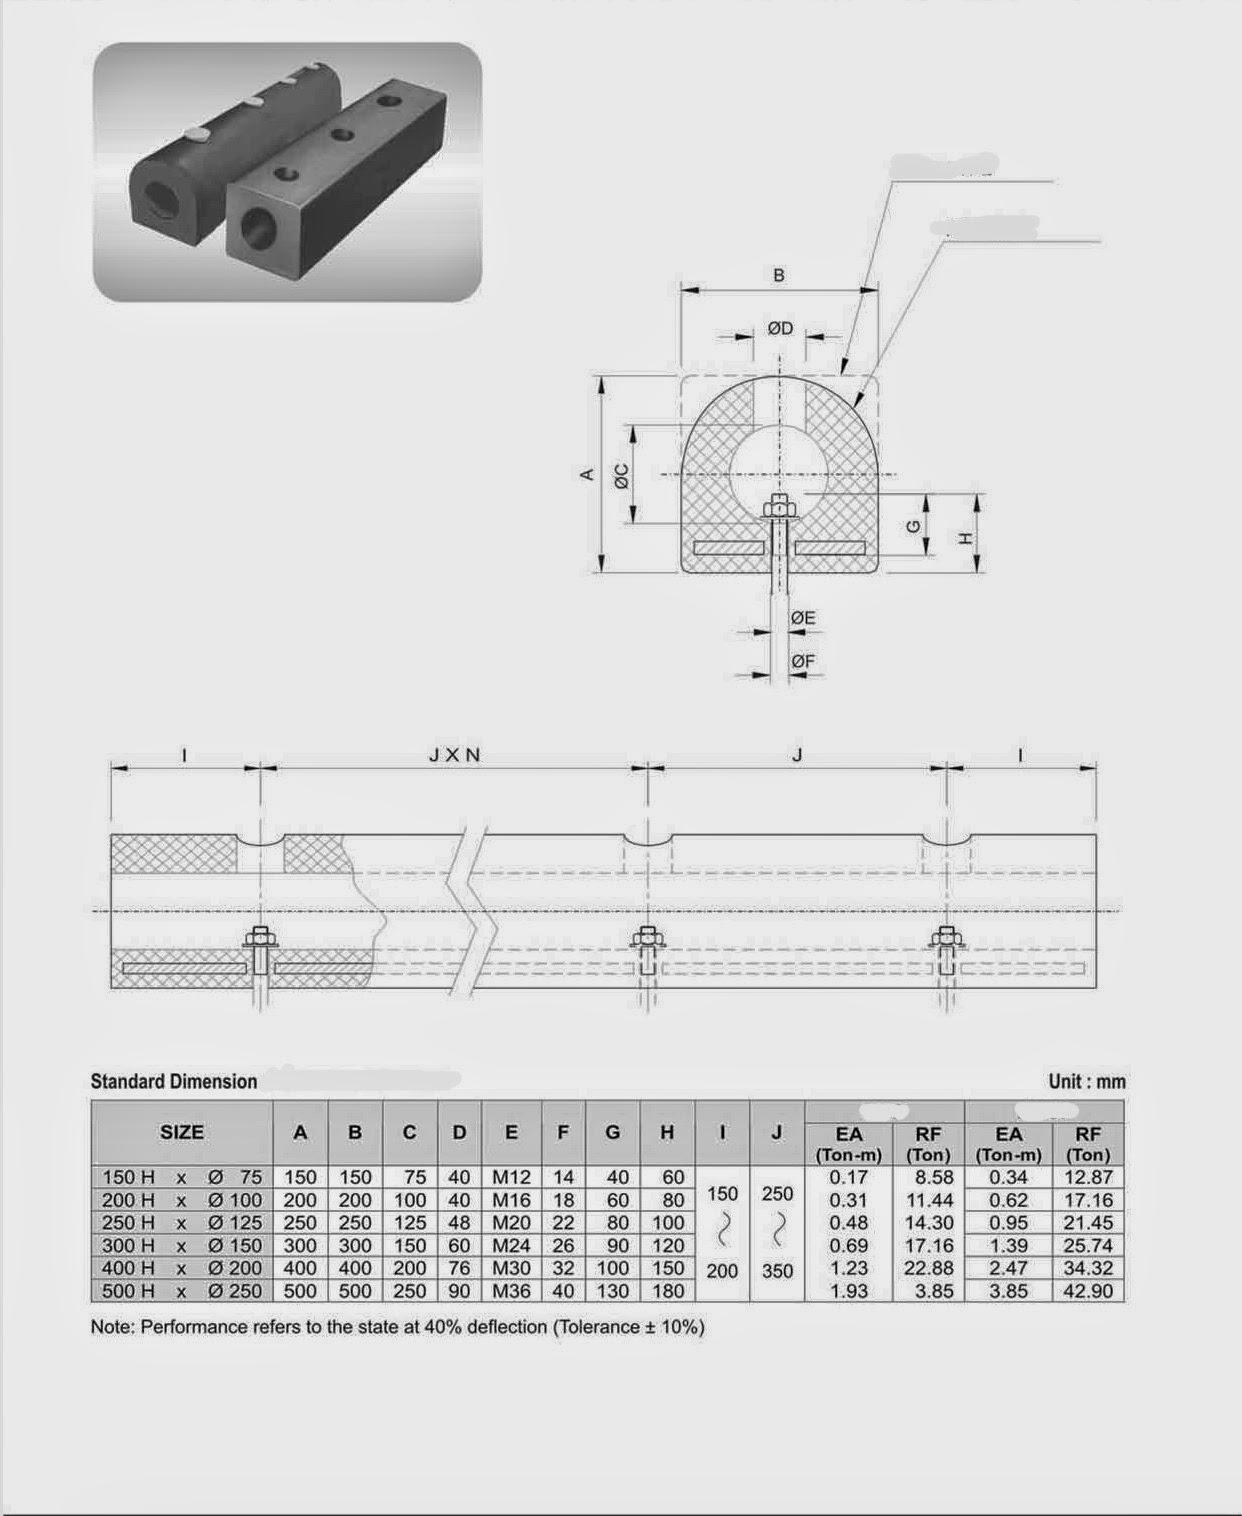 spesifikasi karet bumper D